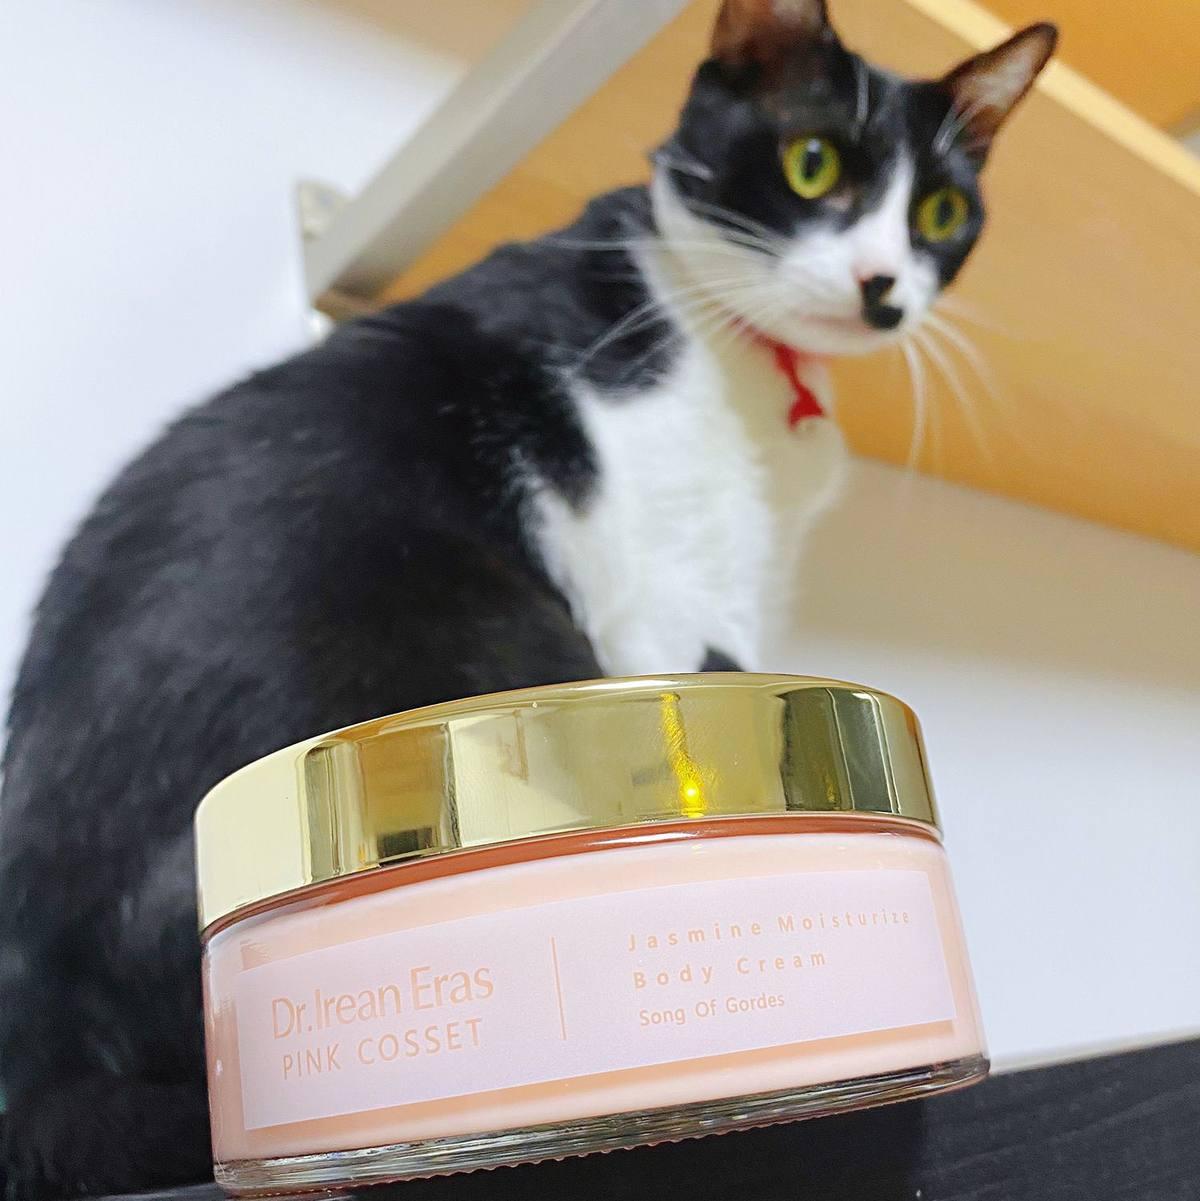 Dr.艾琳茉莉润肤身体霜,这是一款来自法国的身体护理品牌,他